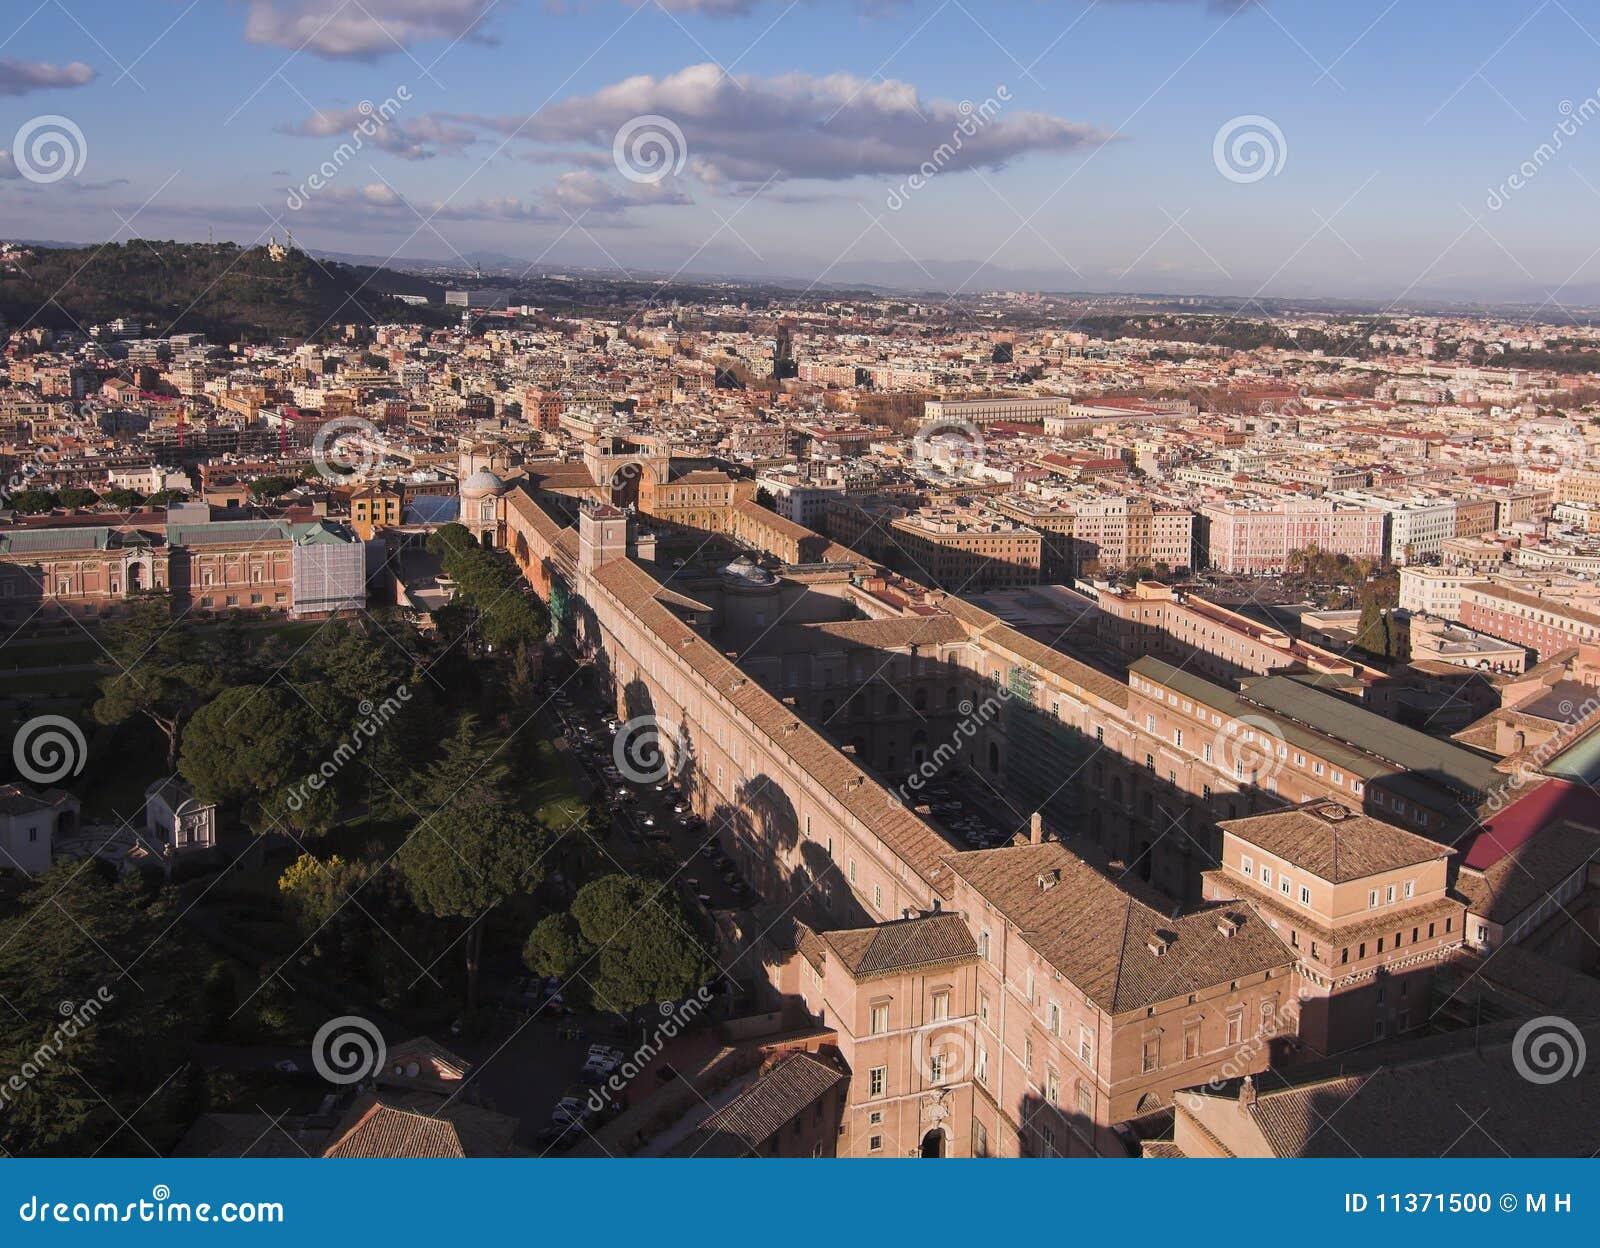 梵蒂冈视图的博物馆